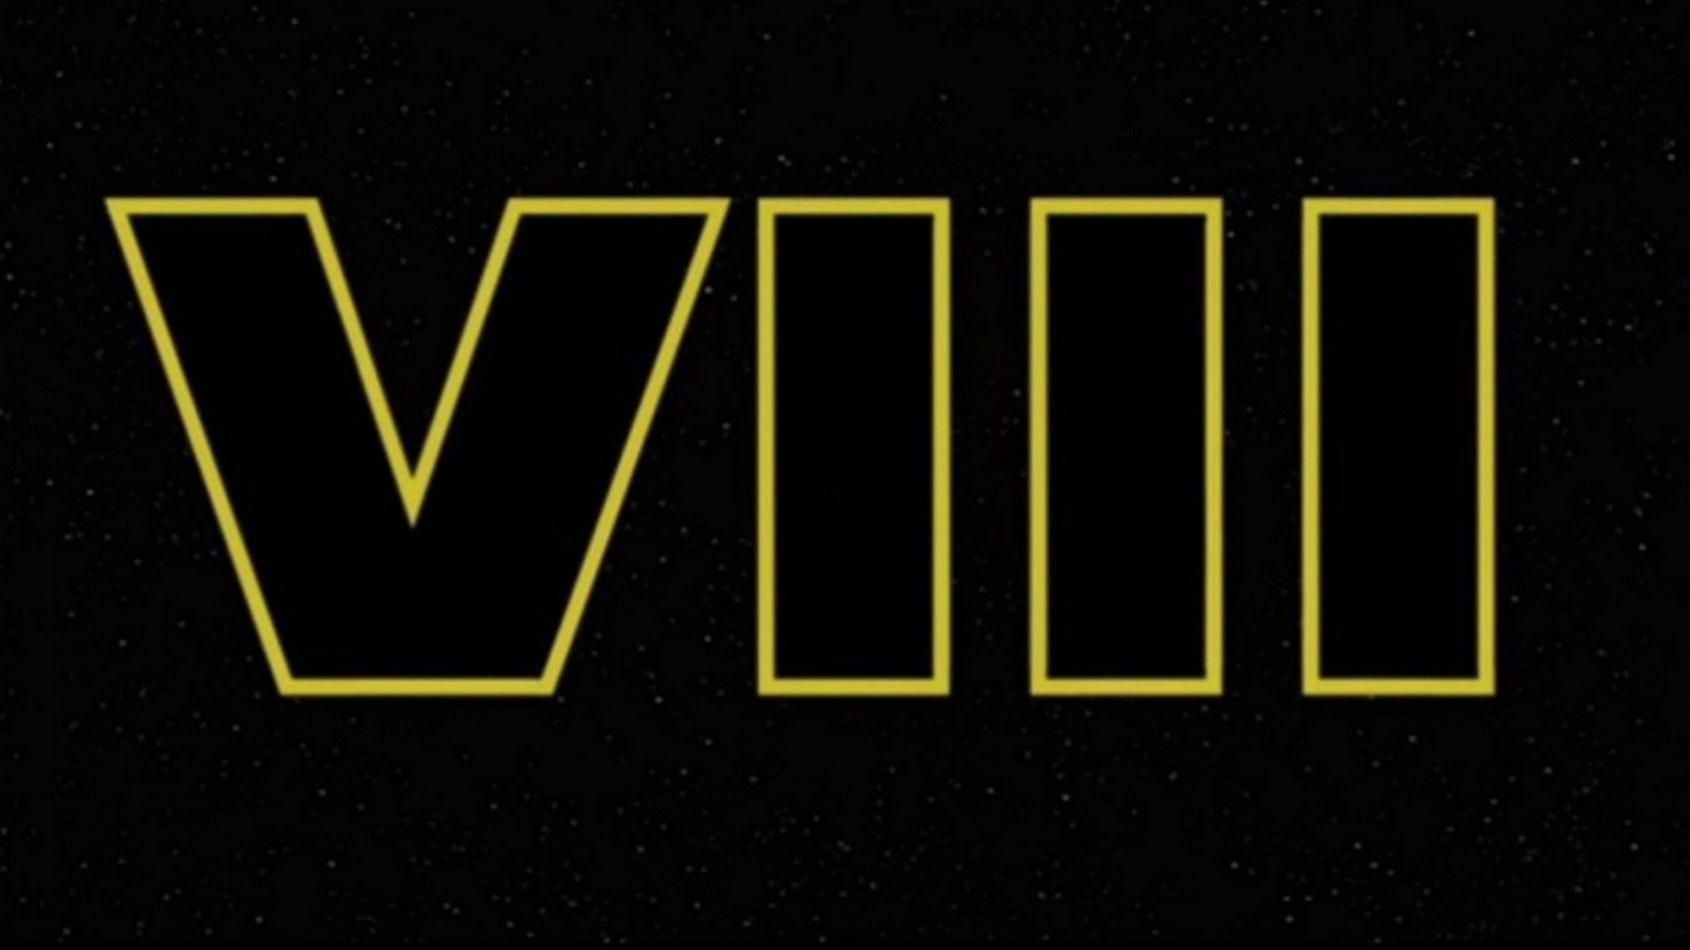 Un chasseur rebelle fait son retour dans Star Wars Episode VIII !